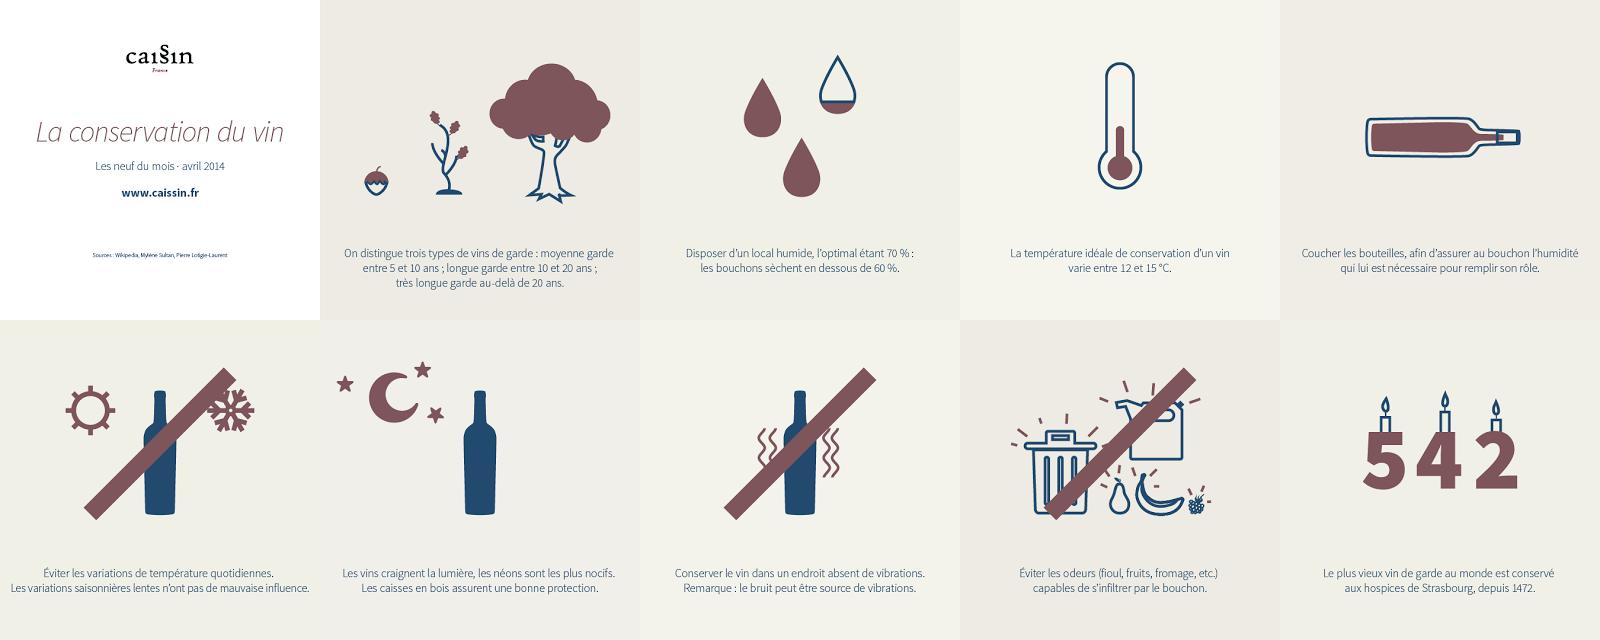 infographie : la conservation du vin